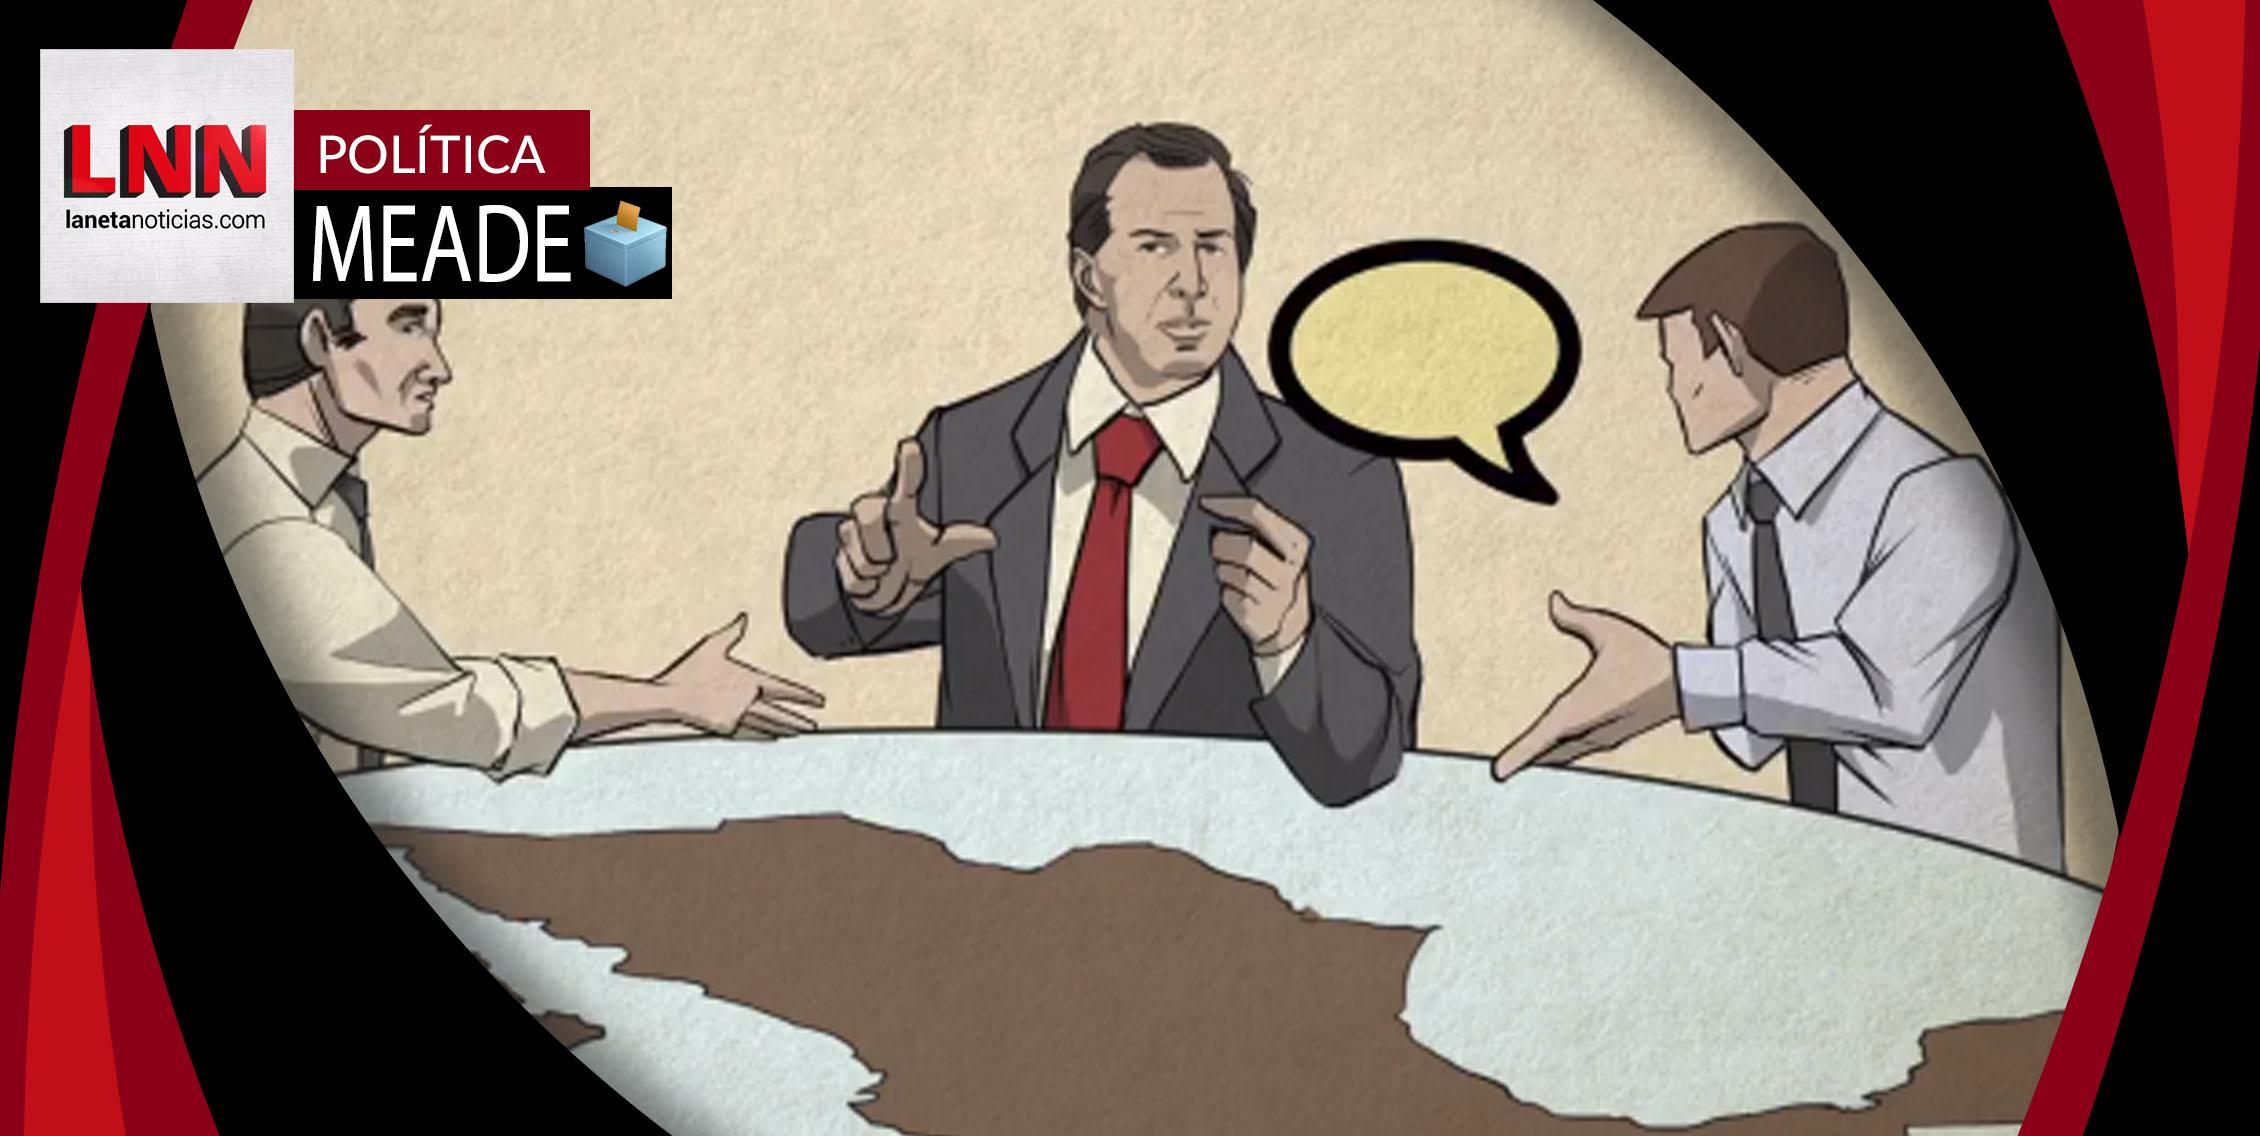 Meade habla de la importancia de pedir consejos en peculiar video